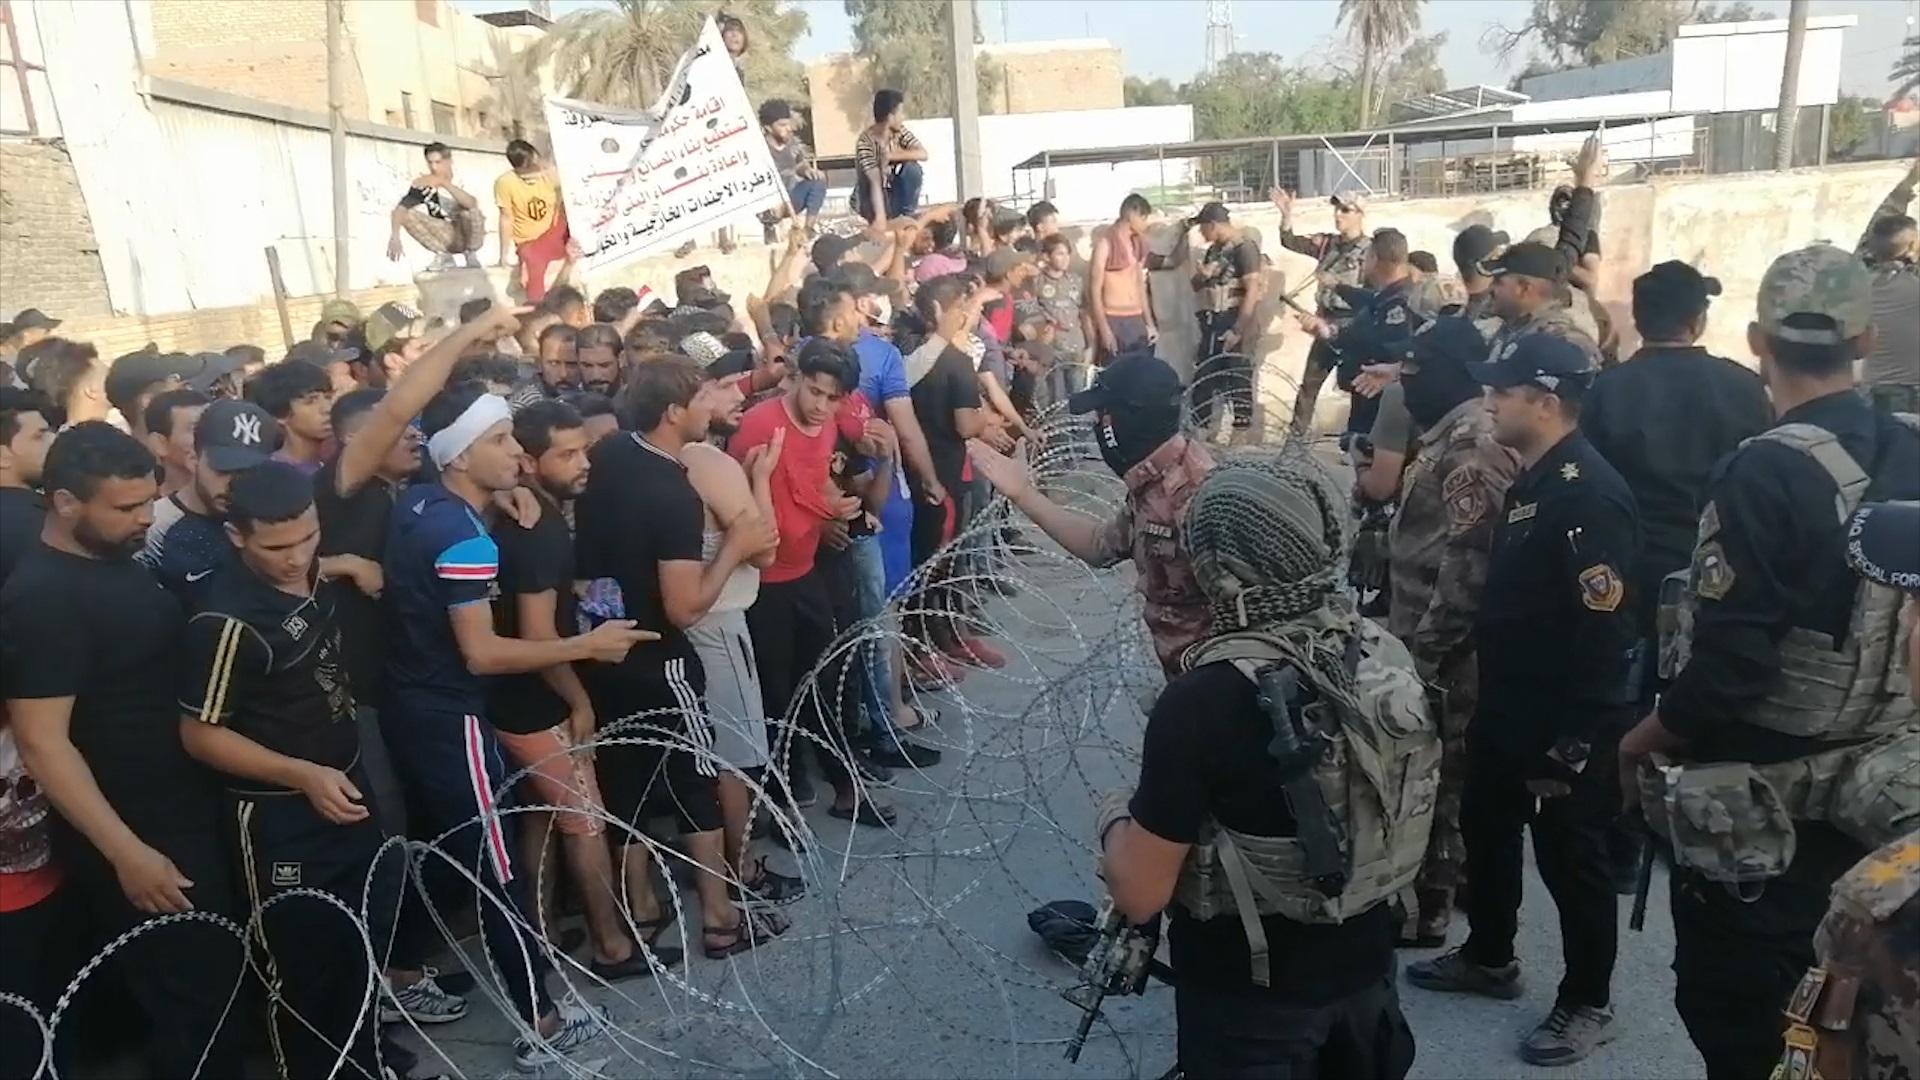 صورة الأحزاب الناشئة في الناصرية تواجه أصعب تحدياتها